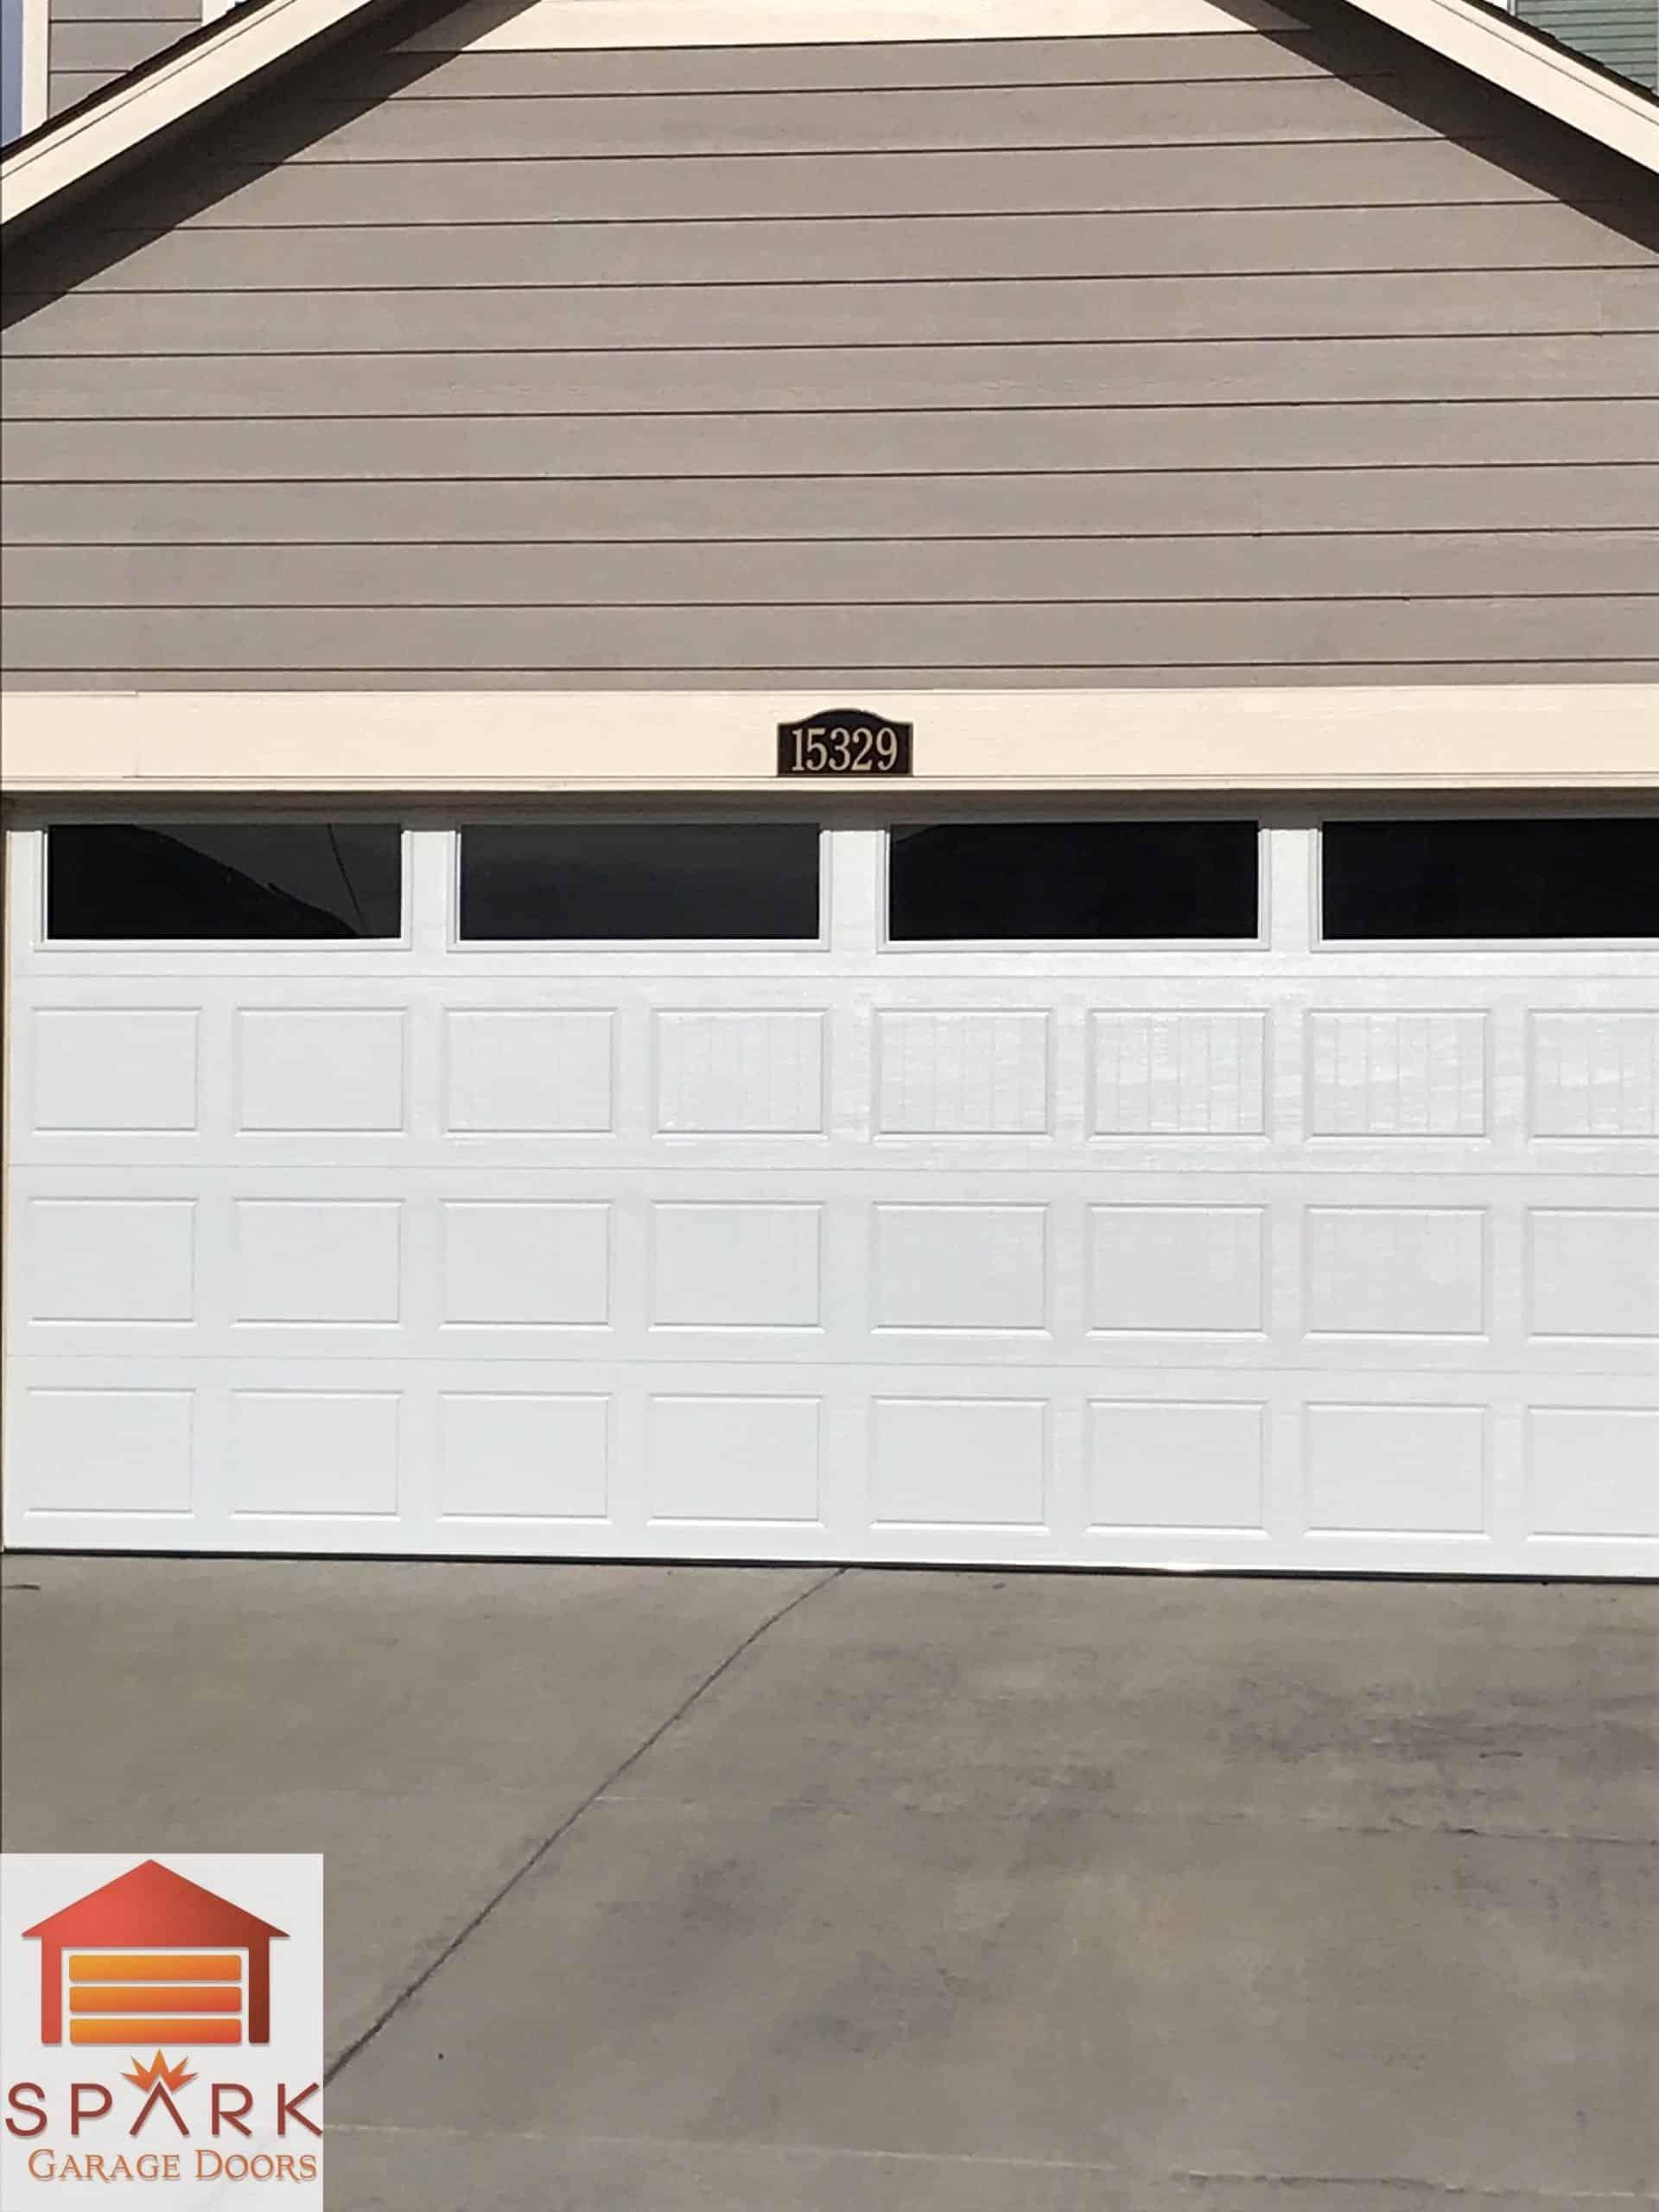 new-installation-of-garage-door-in-denver-co